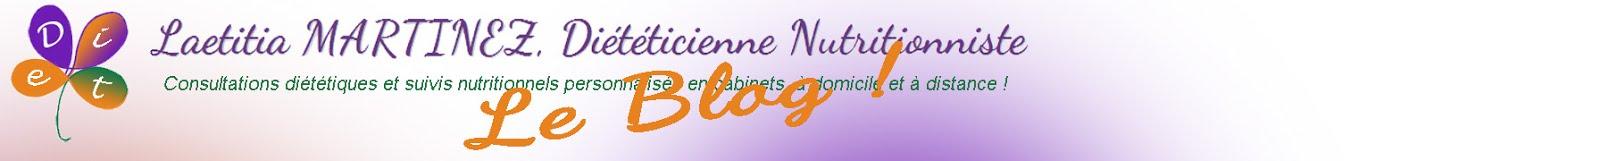 Laetitia MARTINEZ, Diététicienne Nutritionniste - Le Blog !